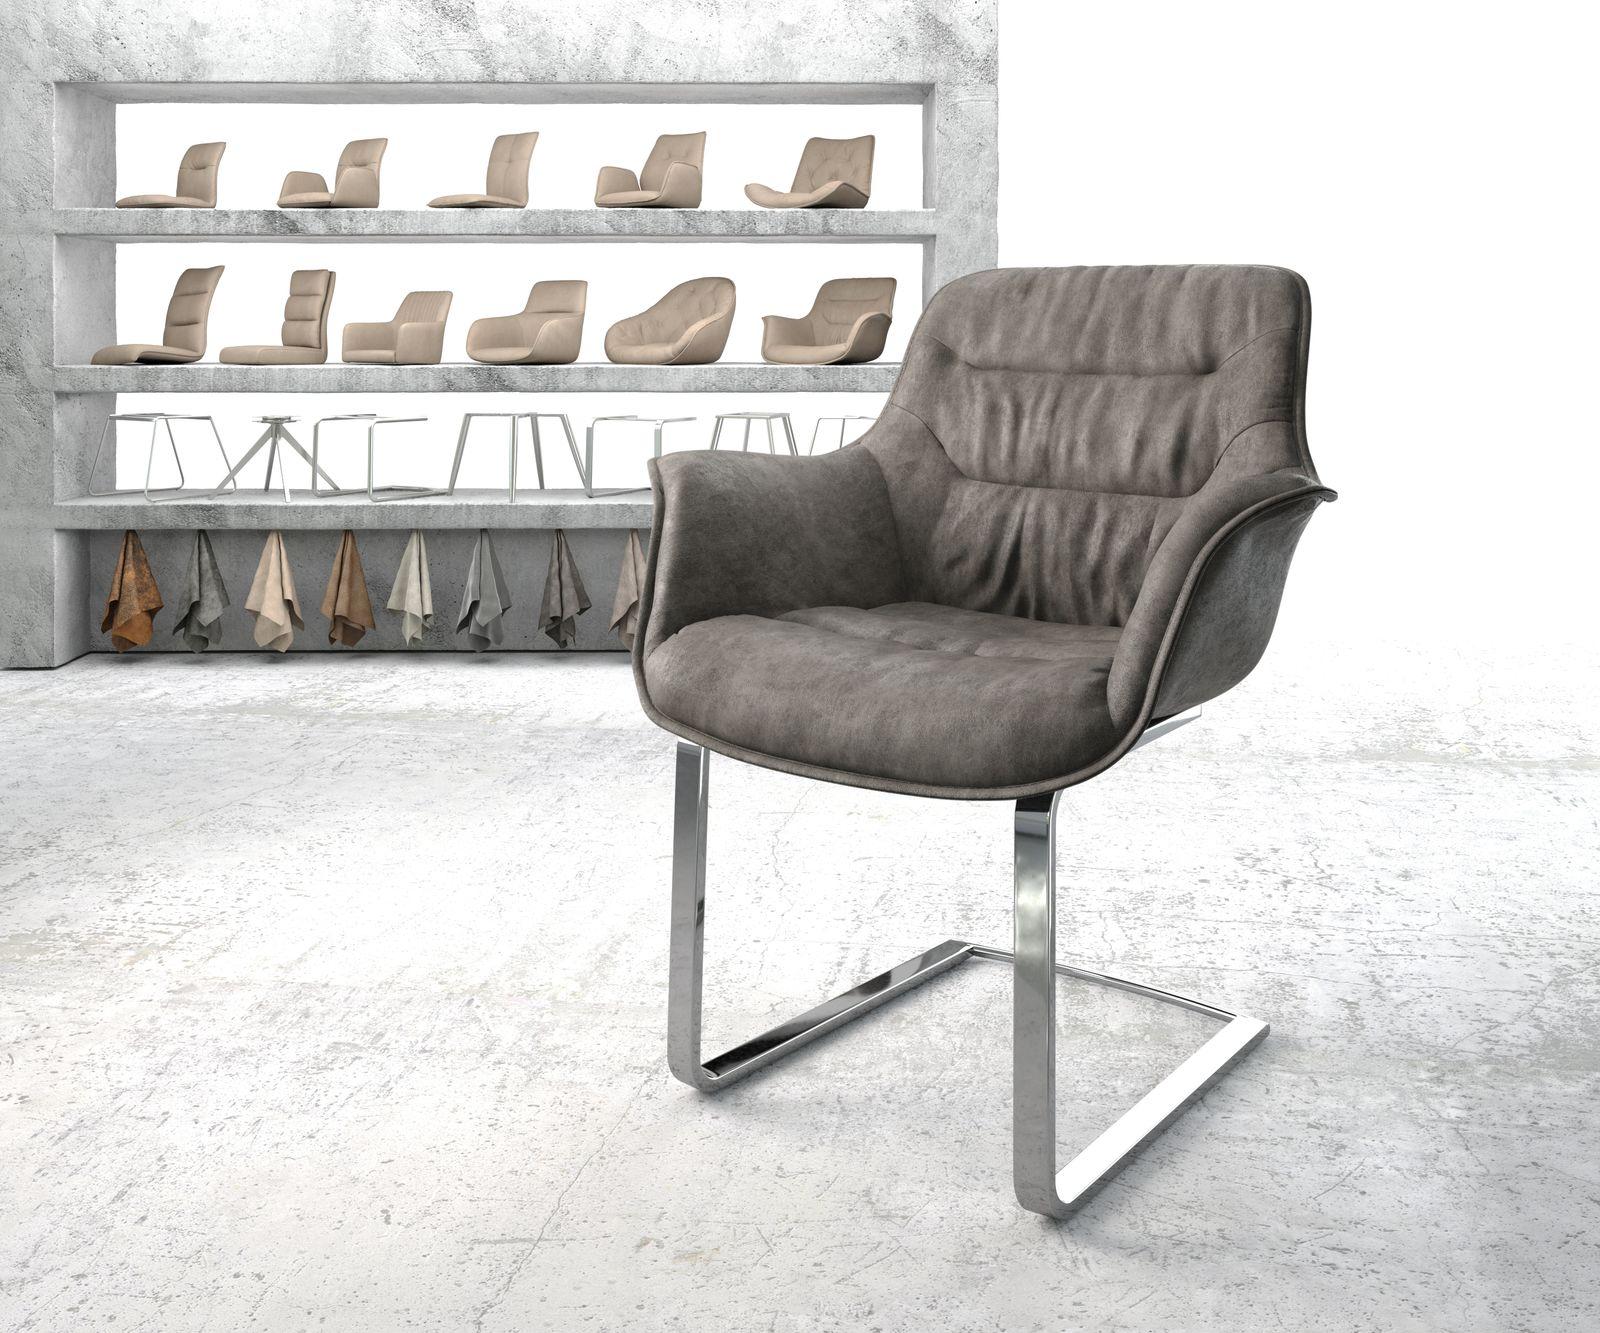 delife-armlehnstuhl-kaira-flex-anthrazit-vintage-freischwinger-flach-verchromt-esszimmerstuhle